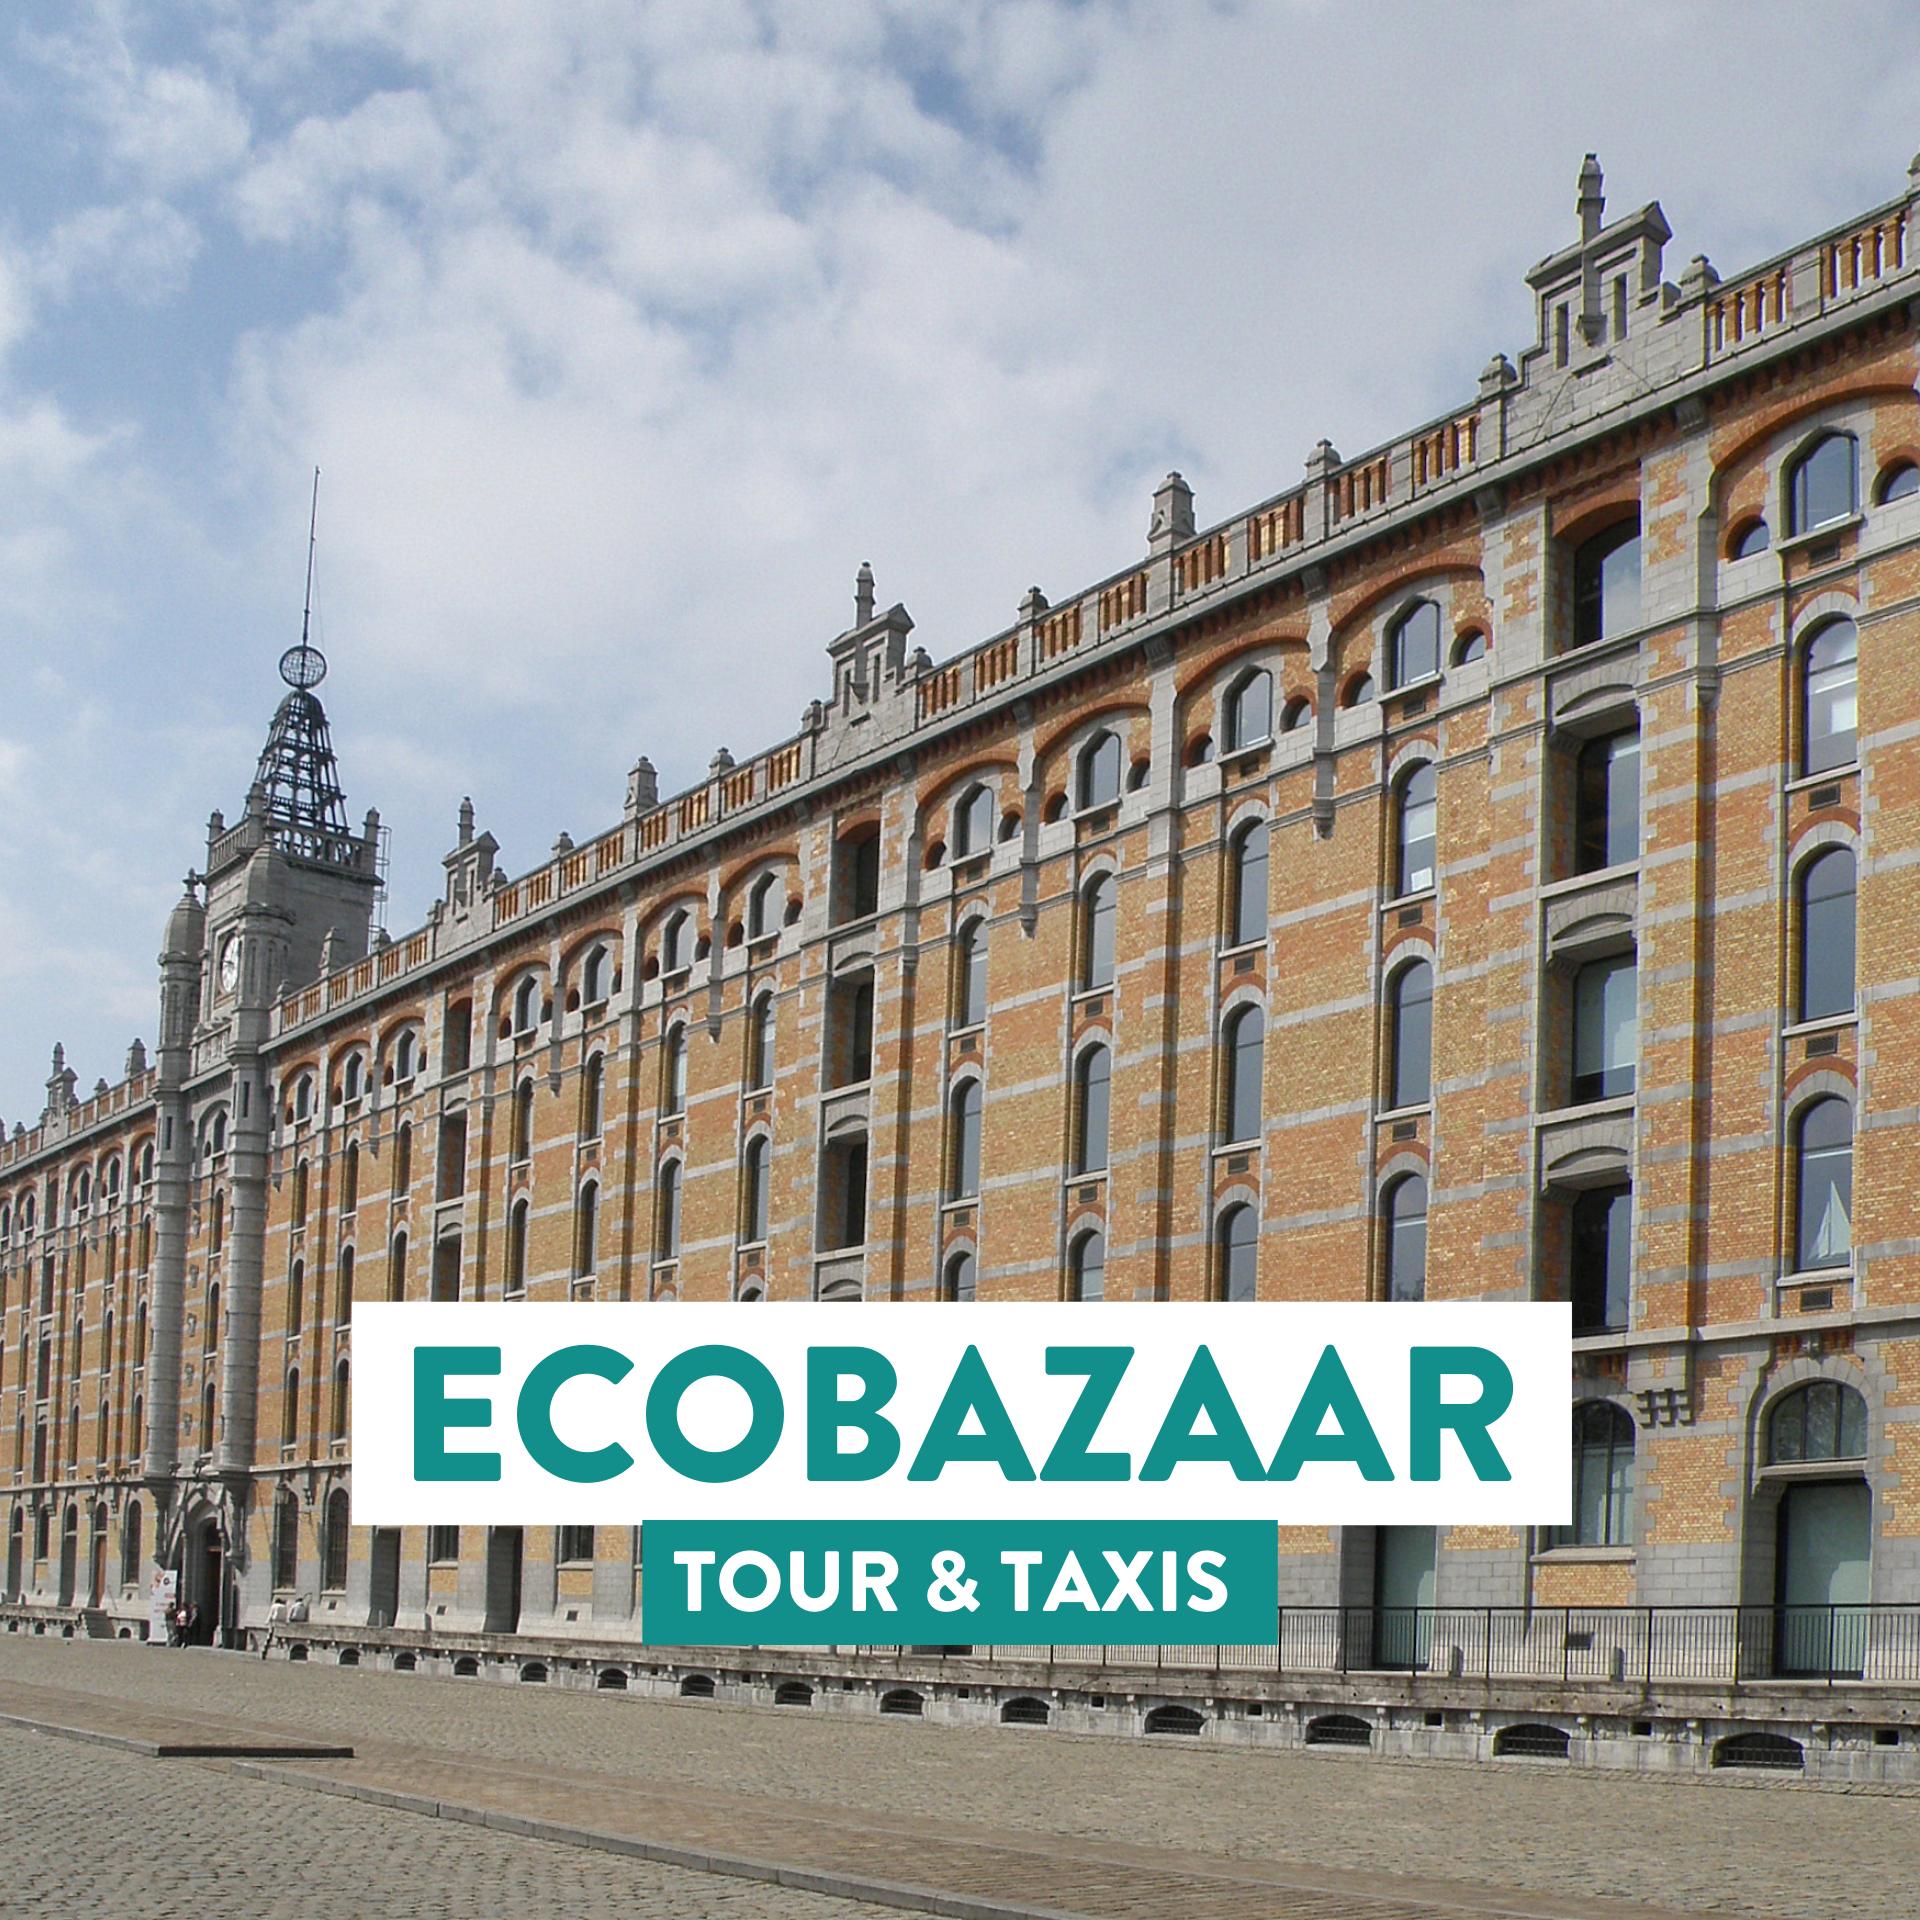 ECOBAZAAR | Tour & Taxis